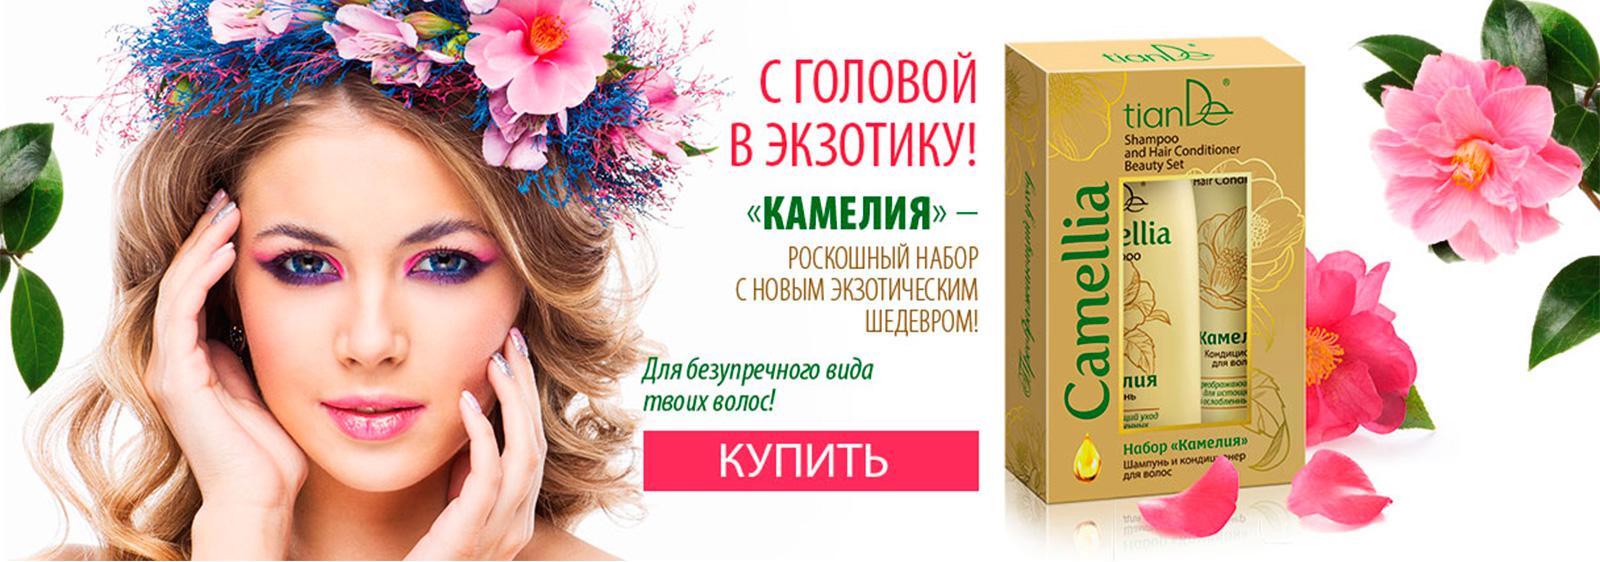 Набор «Камелия»: шампунь и кондиционер для волос TianDe